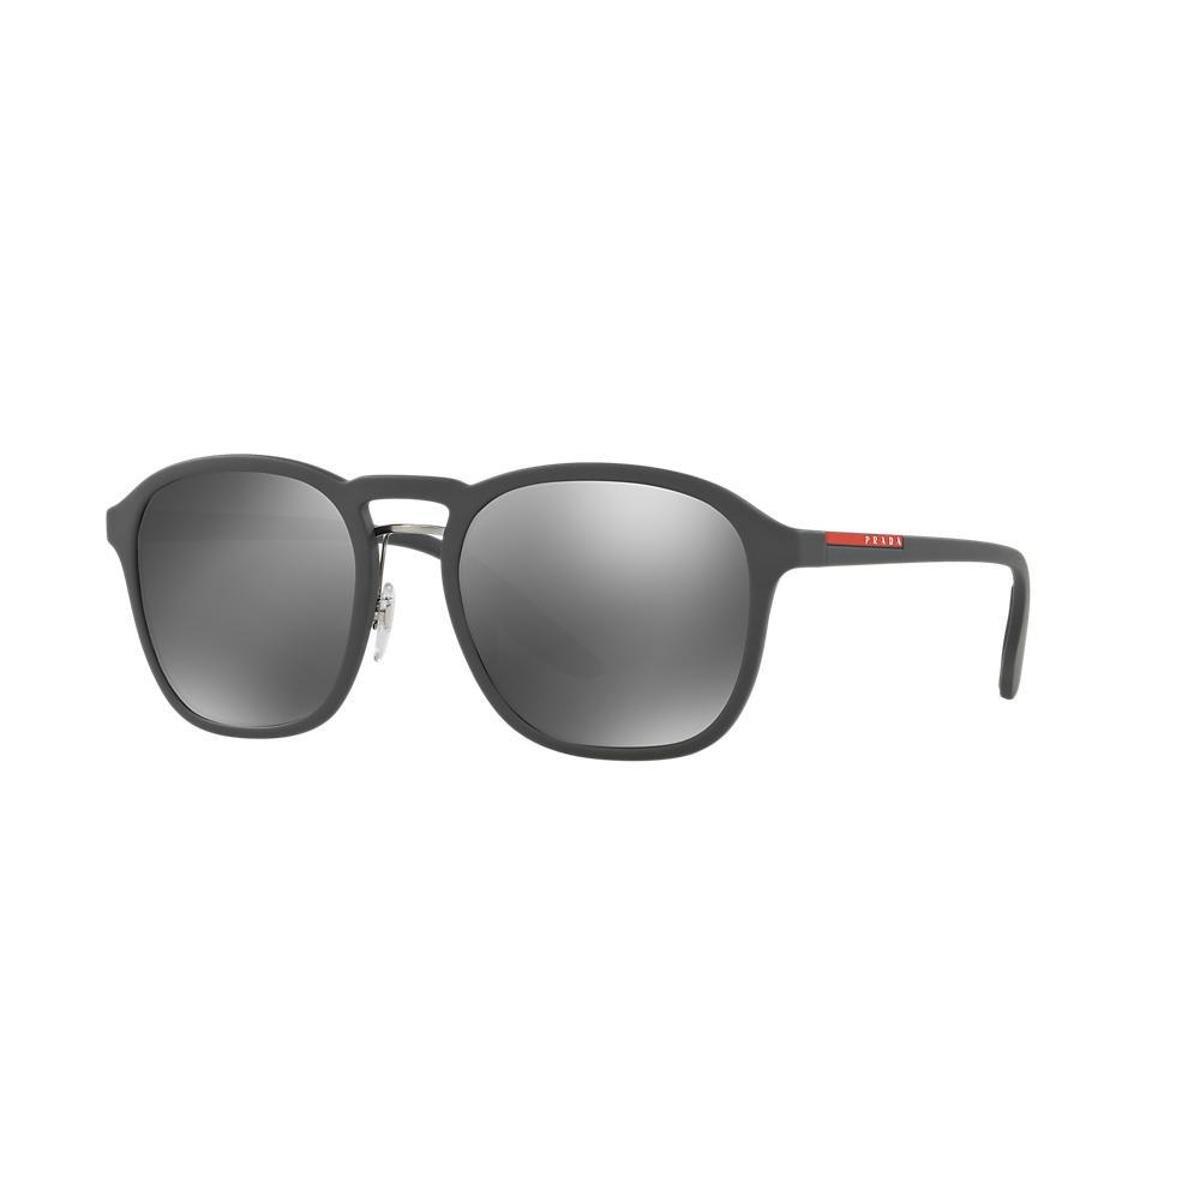 Óculos de Sol Prada Linea Rossa Redondo PS 02SS Masculina - Preto e ... cb85de49eb